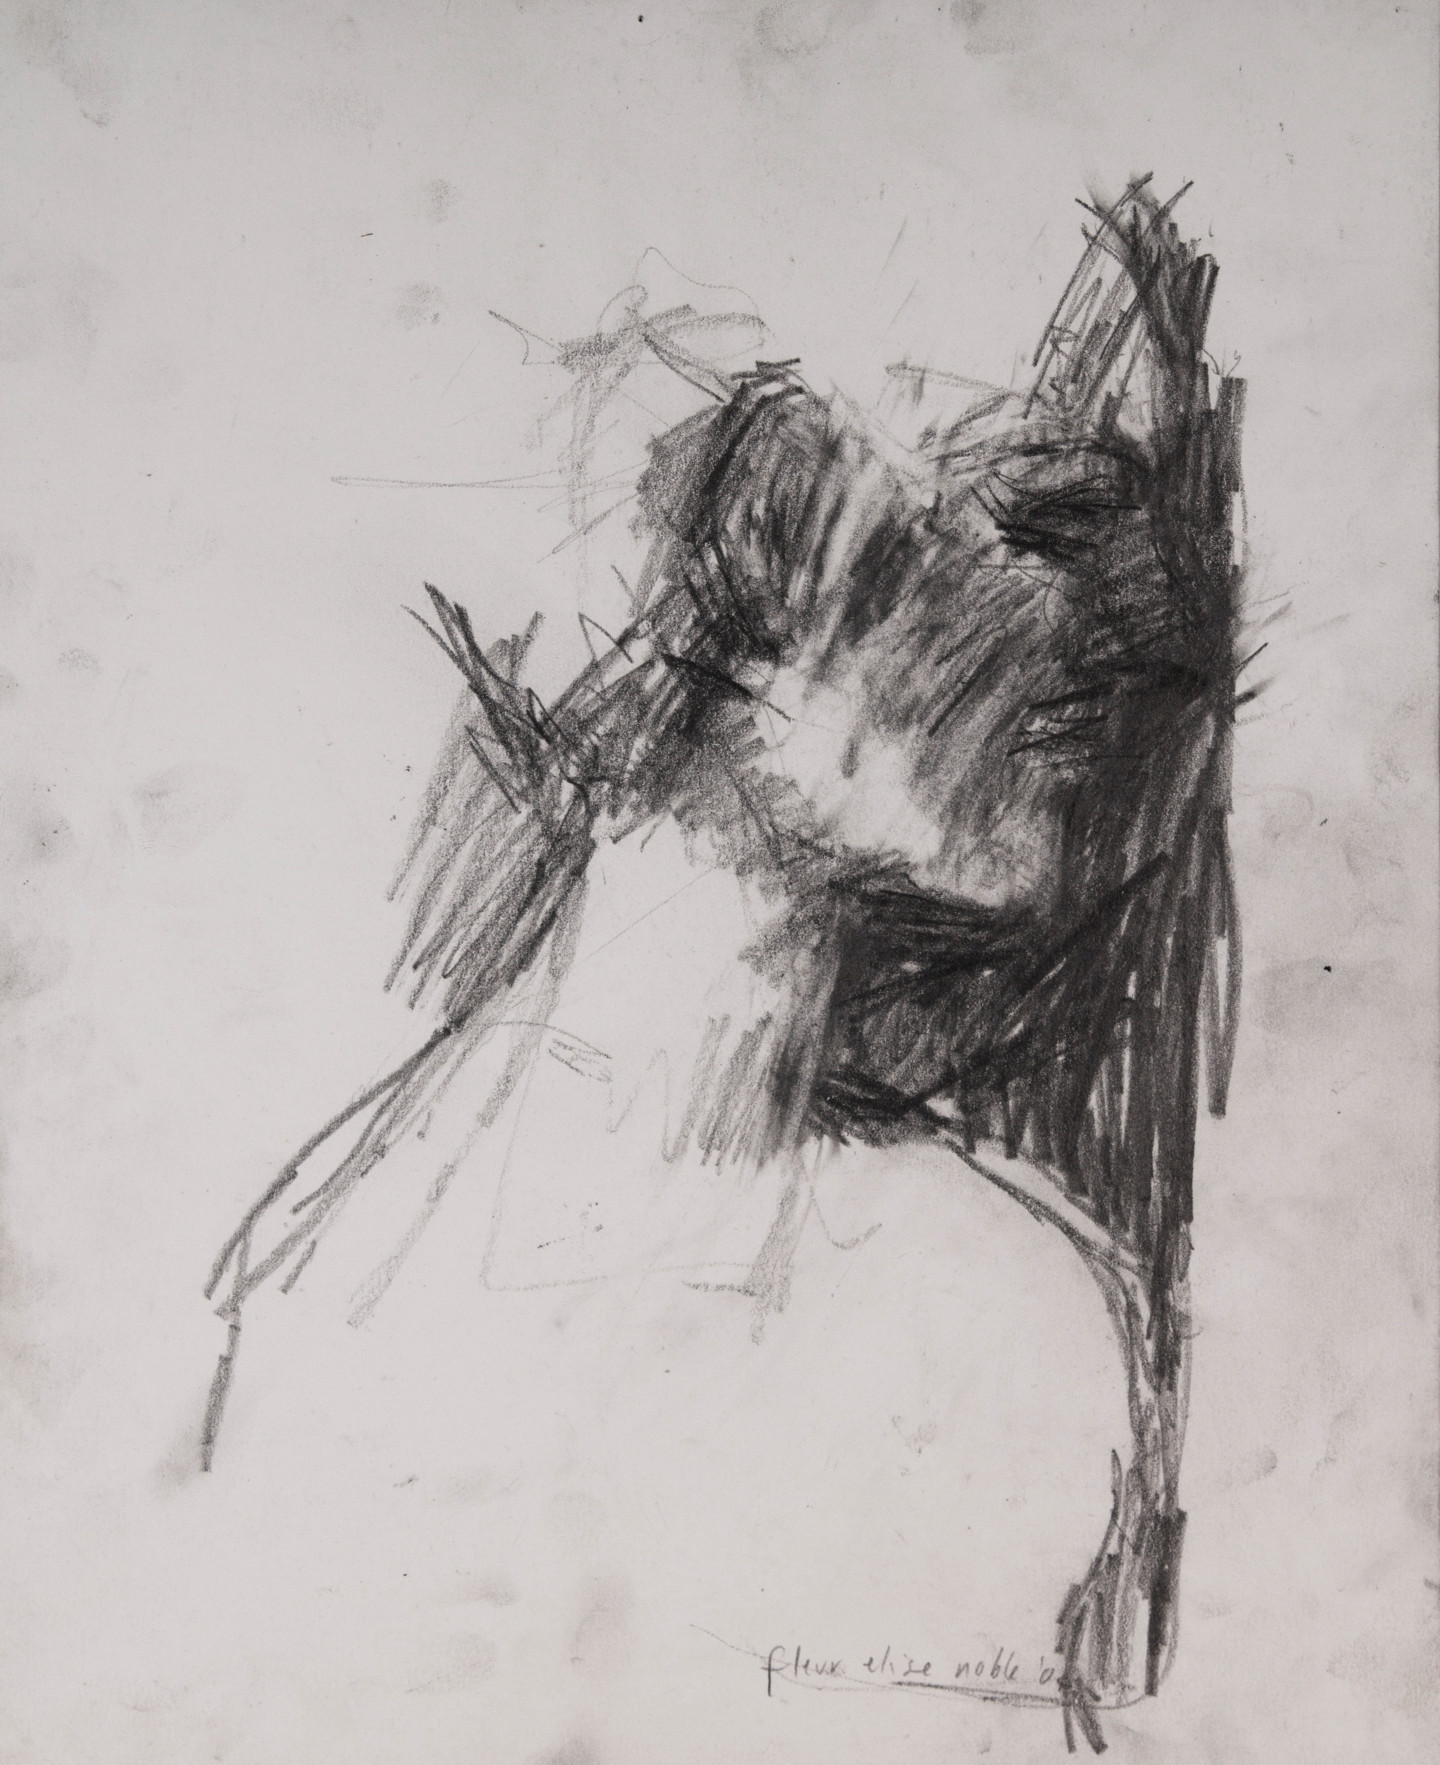 Fleur Elise Noble - Dirty Portrait 9